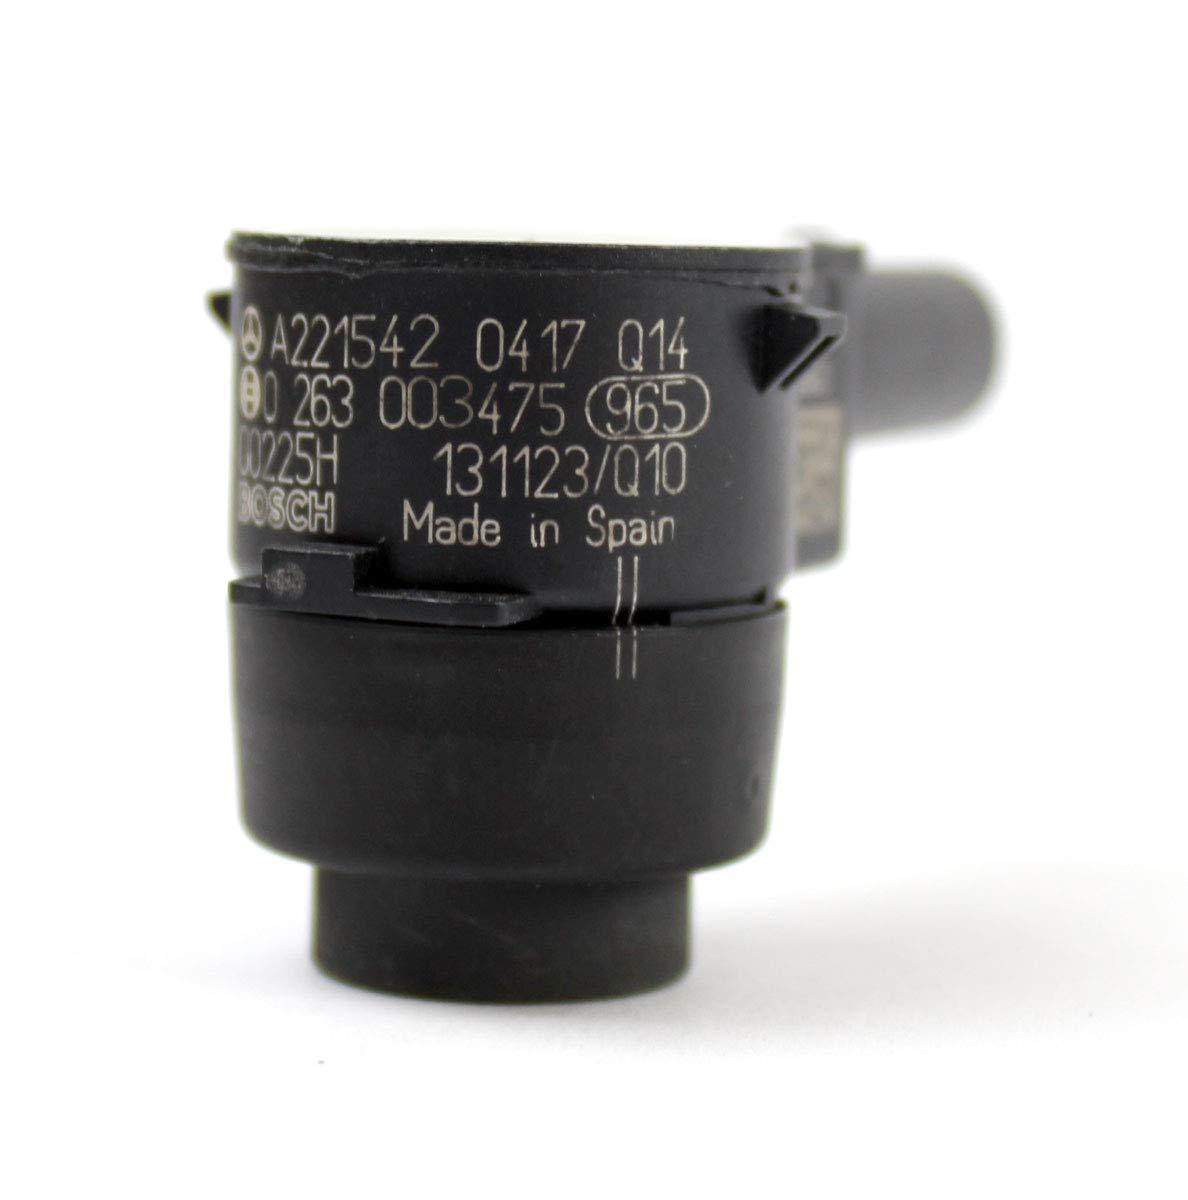 Mercedes-Benz Parktronic PDC Sensor PTS w211 w204 w221 R230 SL A2215420417 black